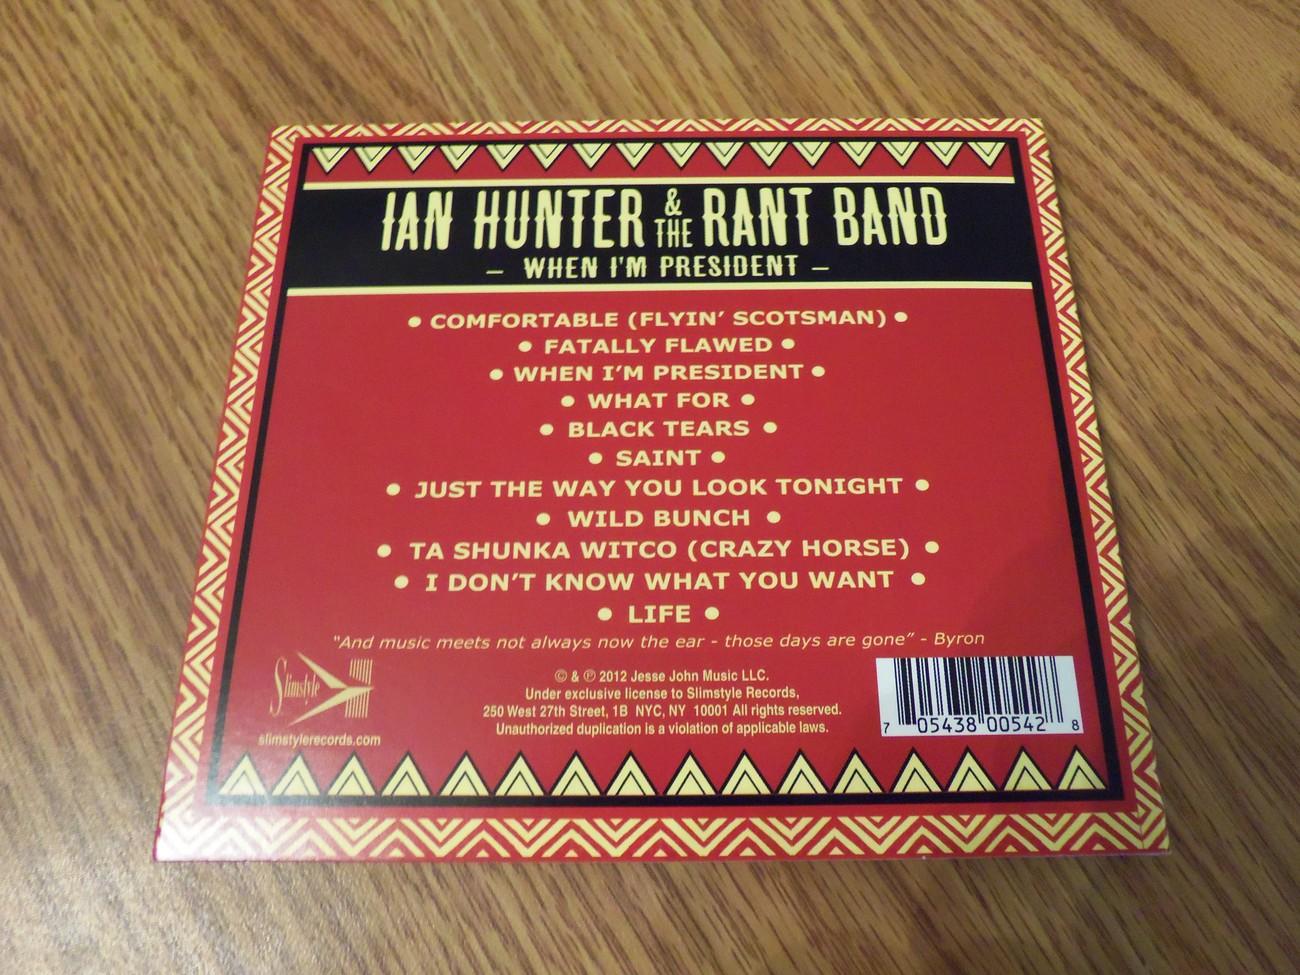 Ian Hunter When I'm President Cd 2012 Mott The Hoople David Bowie